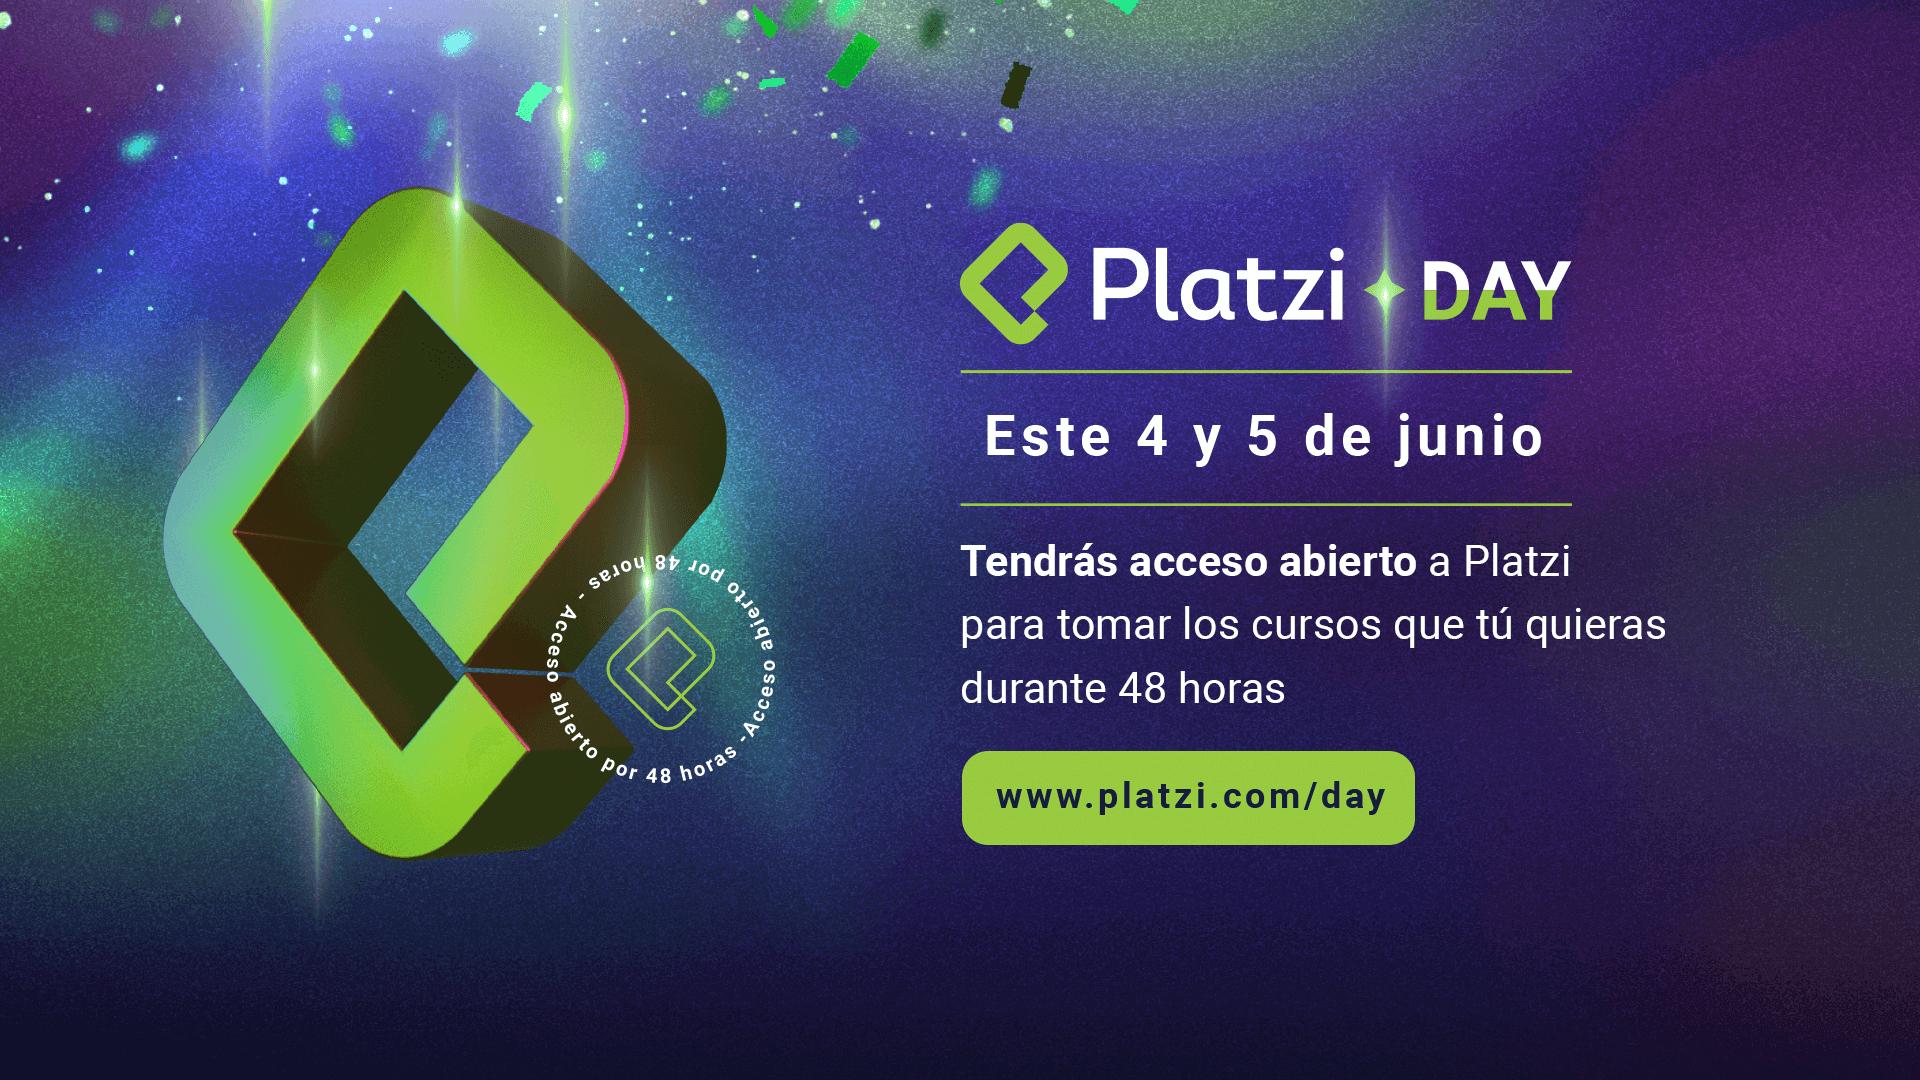 PLATZI DAY 4 y 5 DE JUNIO